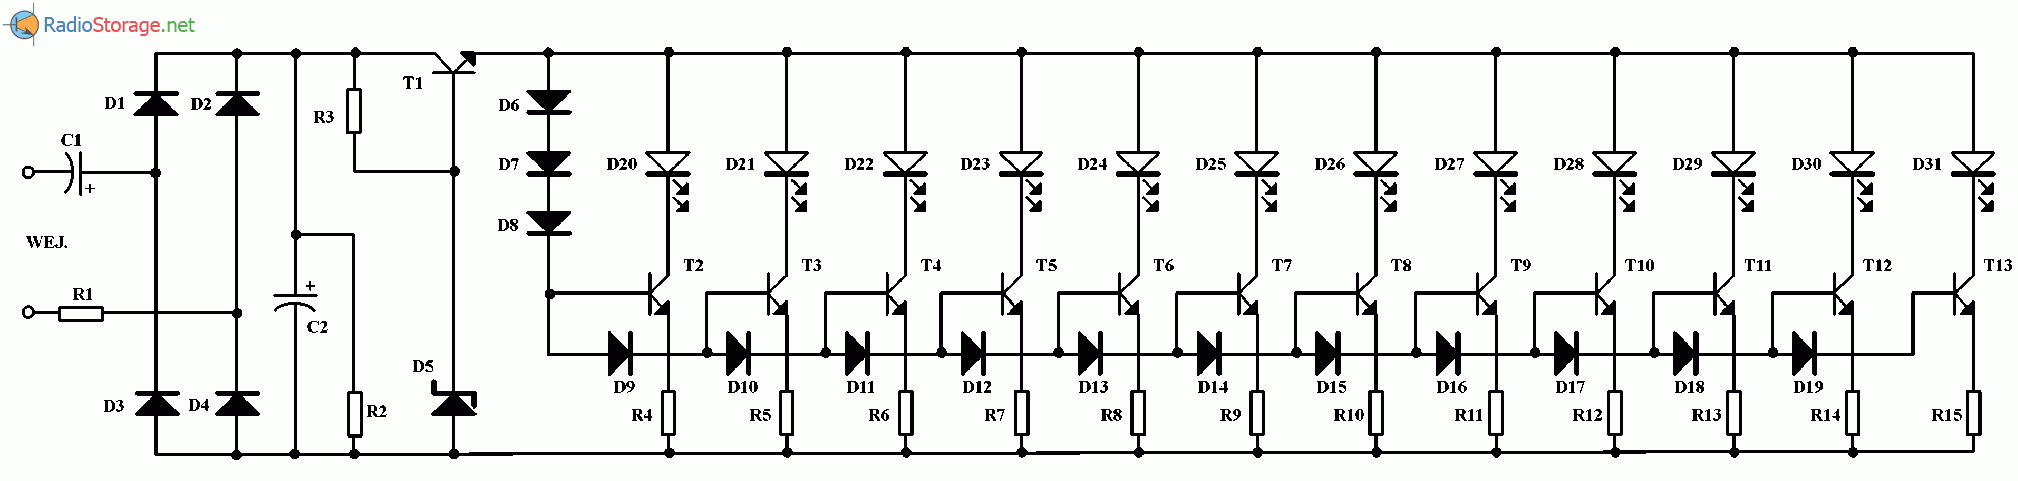 Индикатор уровня мощности для акустической системы, схема